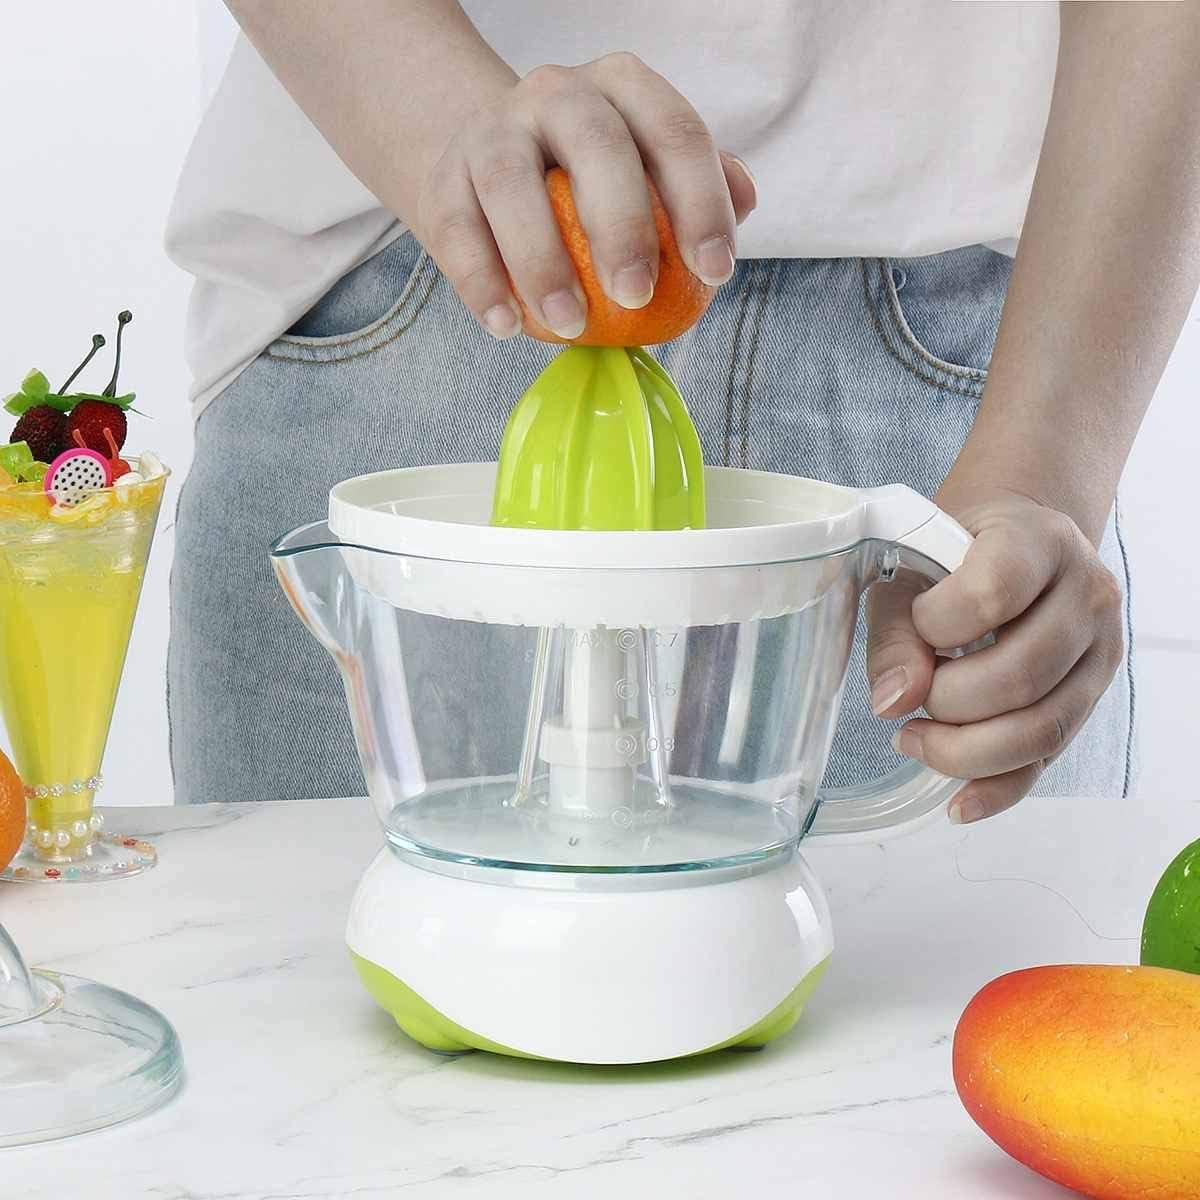 Exprimidor eléctrico Exprimidor de naranja y cítrico Limón Máquina de jugo de pomelo Exprimidor de exprimidor Exprimidor portátil Exprimidor InicioVerde Color